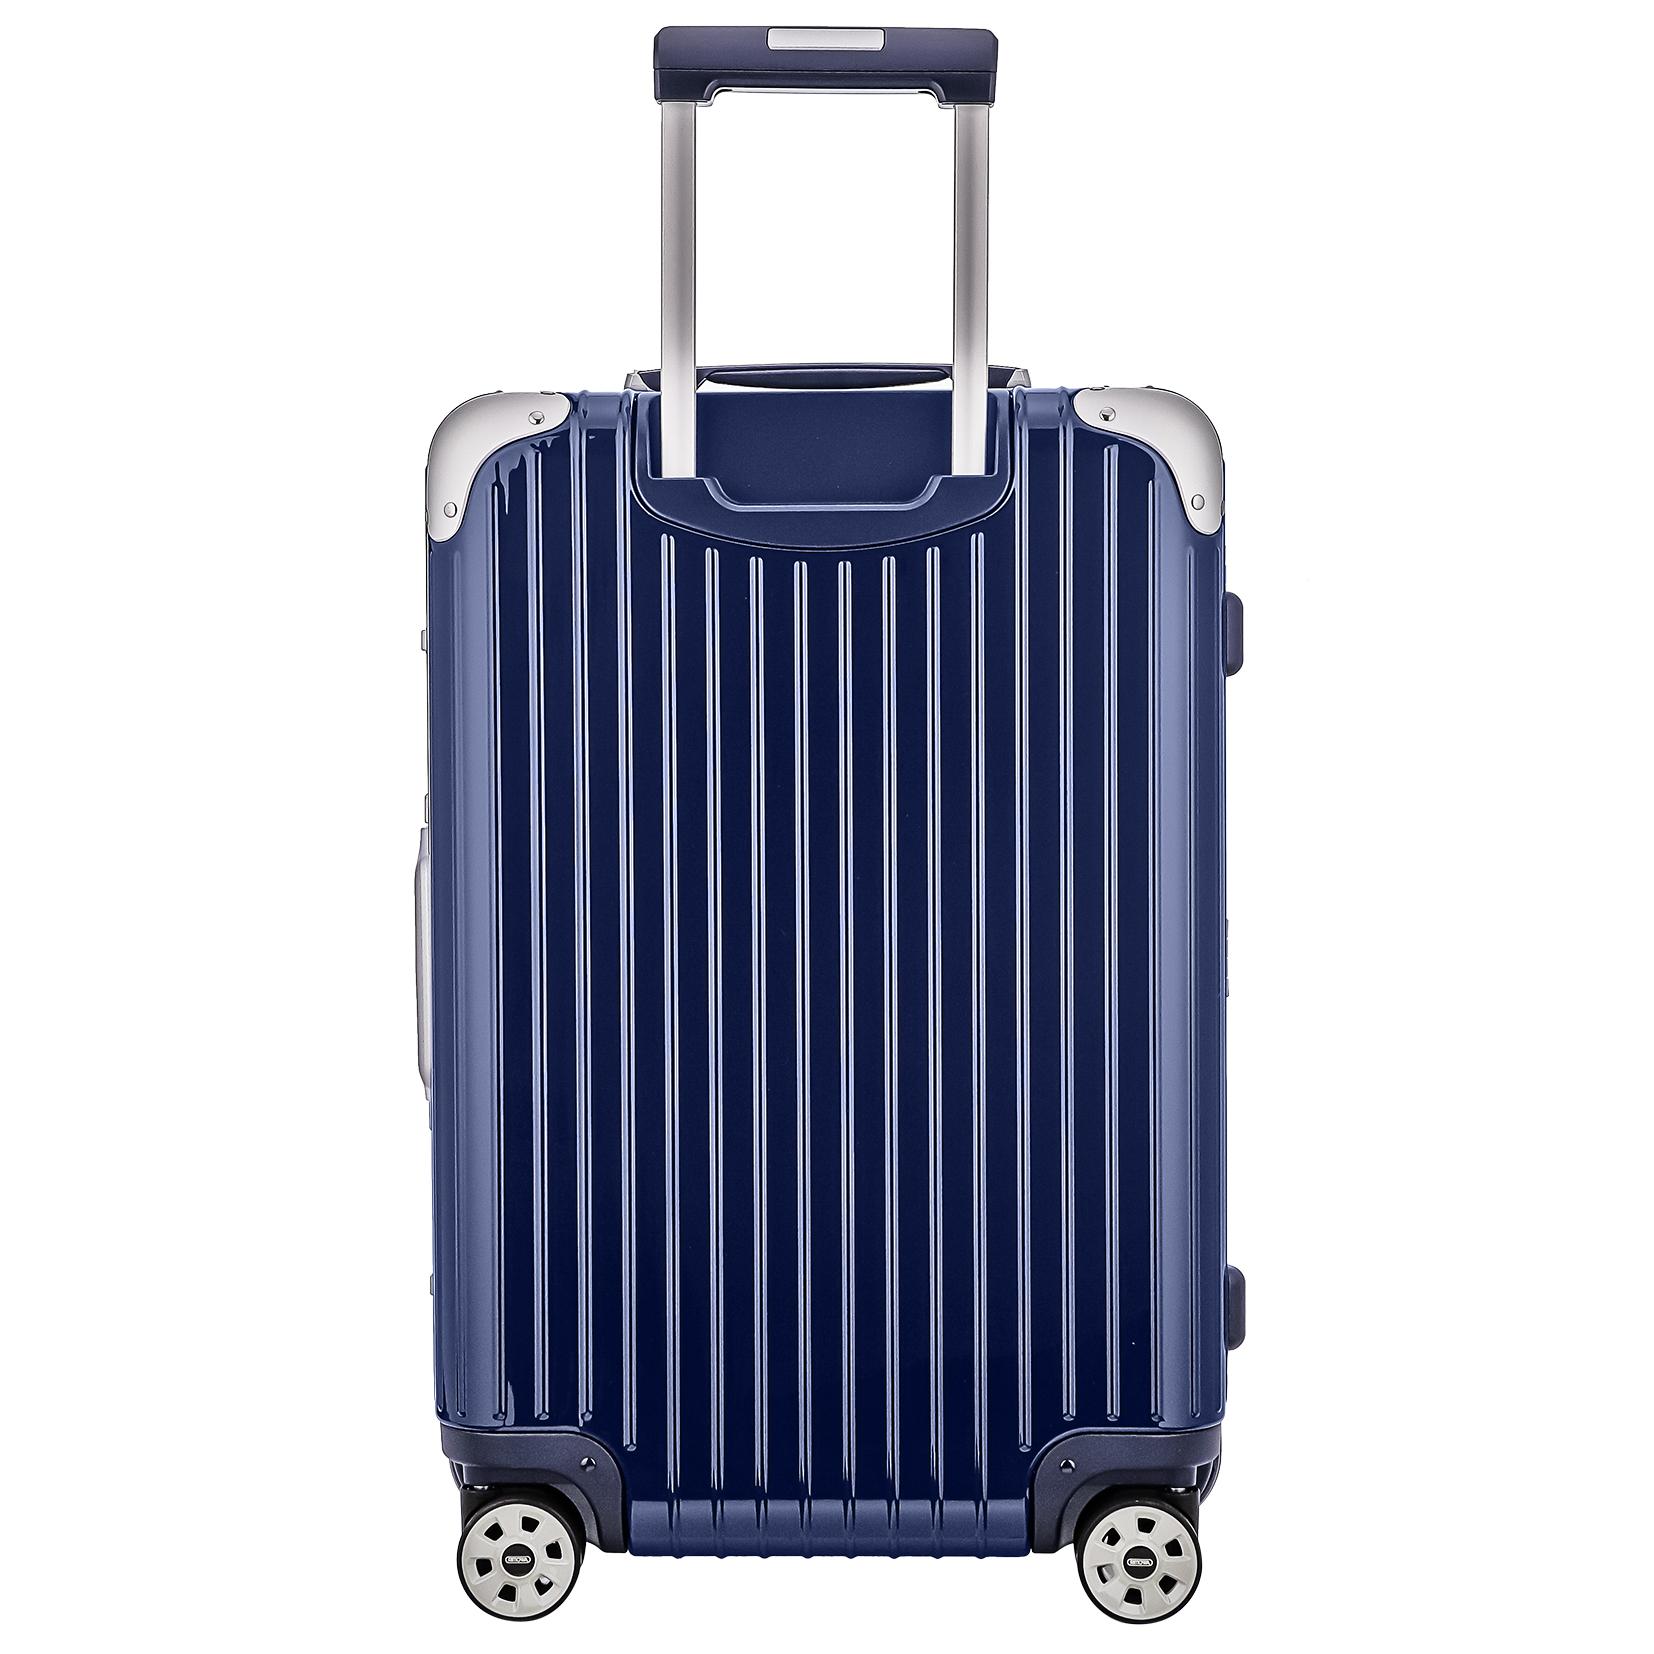 【お取り寄せ】【送料無料】リモワ RIMOWA スーツケース リンボ 882.63.21.5 60L 5.7kg ブルー 3泊~5泊 TSAロック 機内持ち込み不可